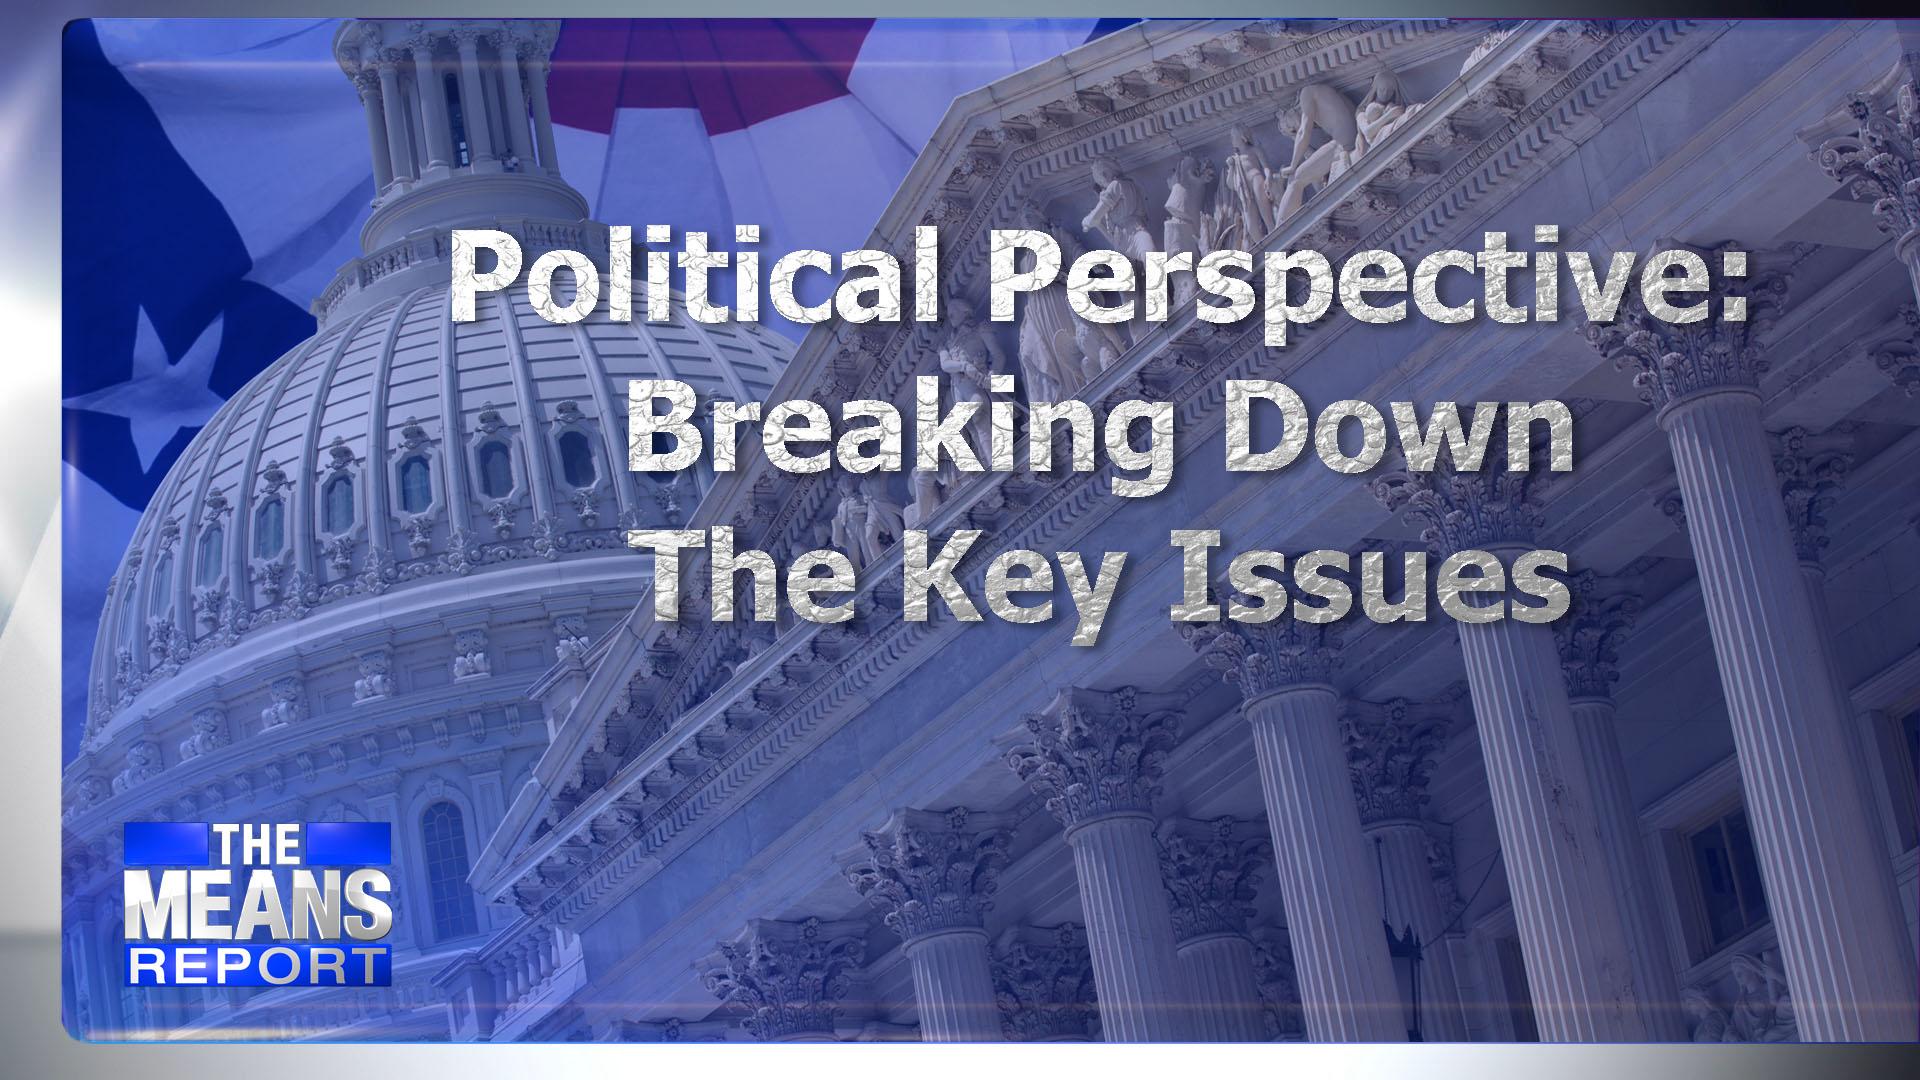 PoliticalPerspectiveBreakingDownTheKeyIssues_1557783884469.jpg